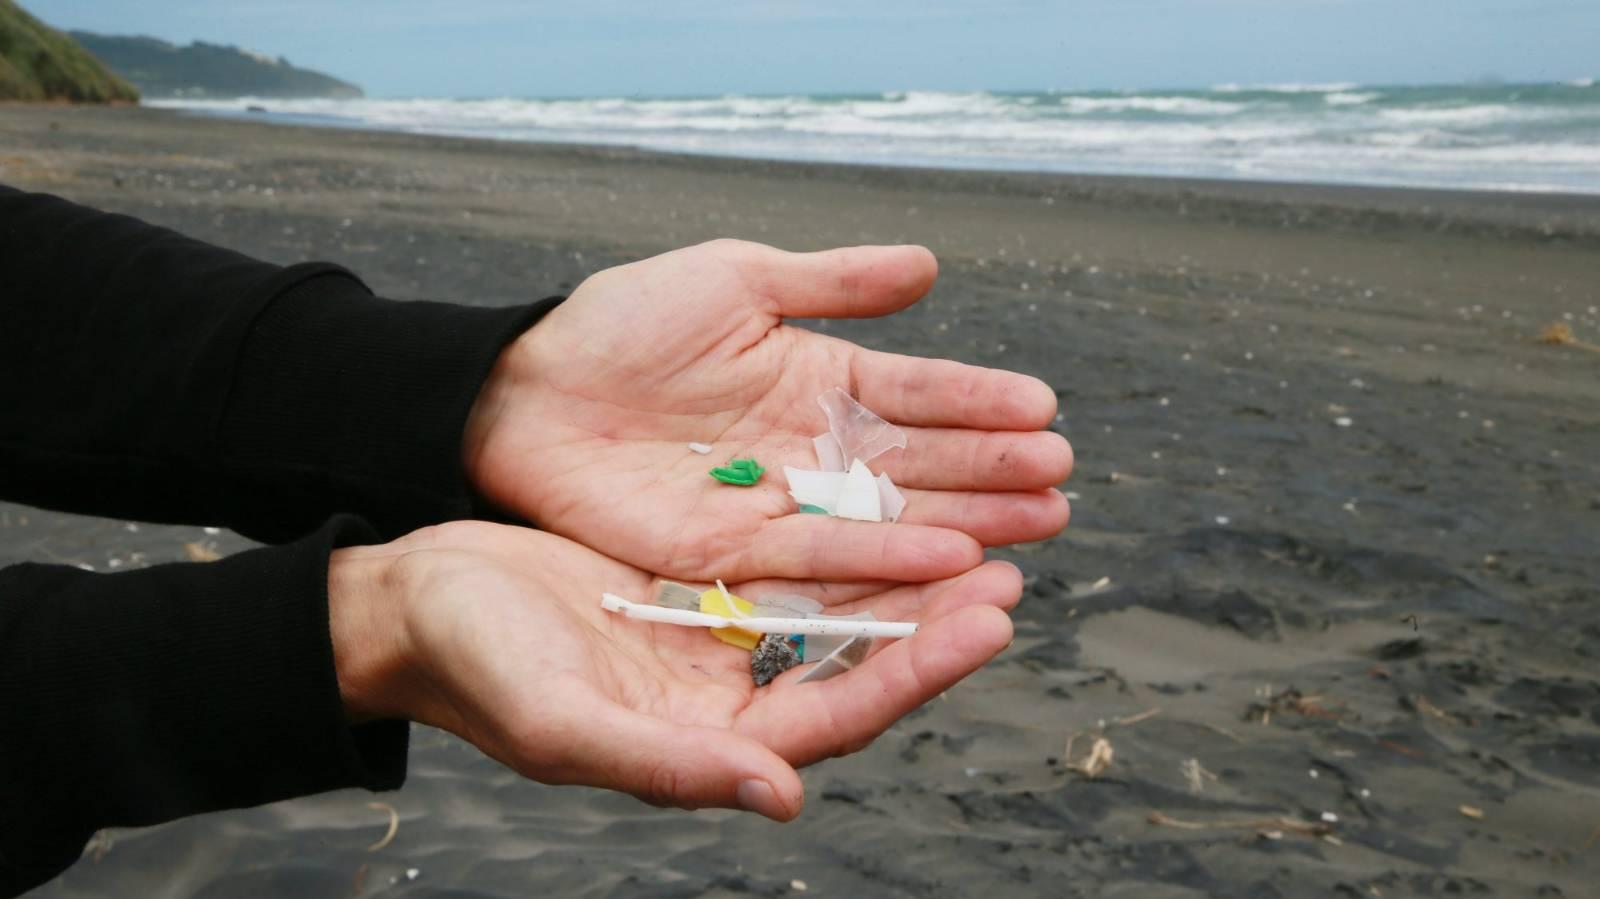 Coronavirus waste adds to plastic pandemic